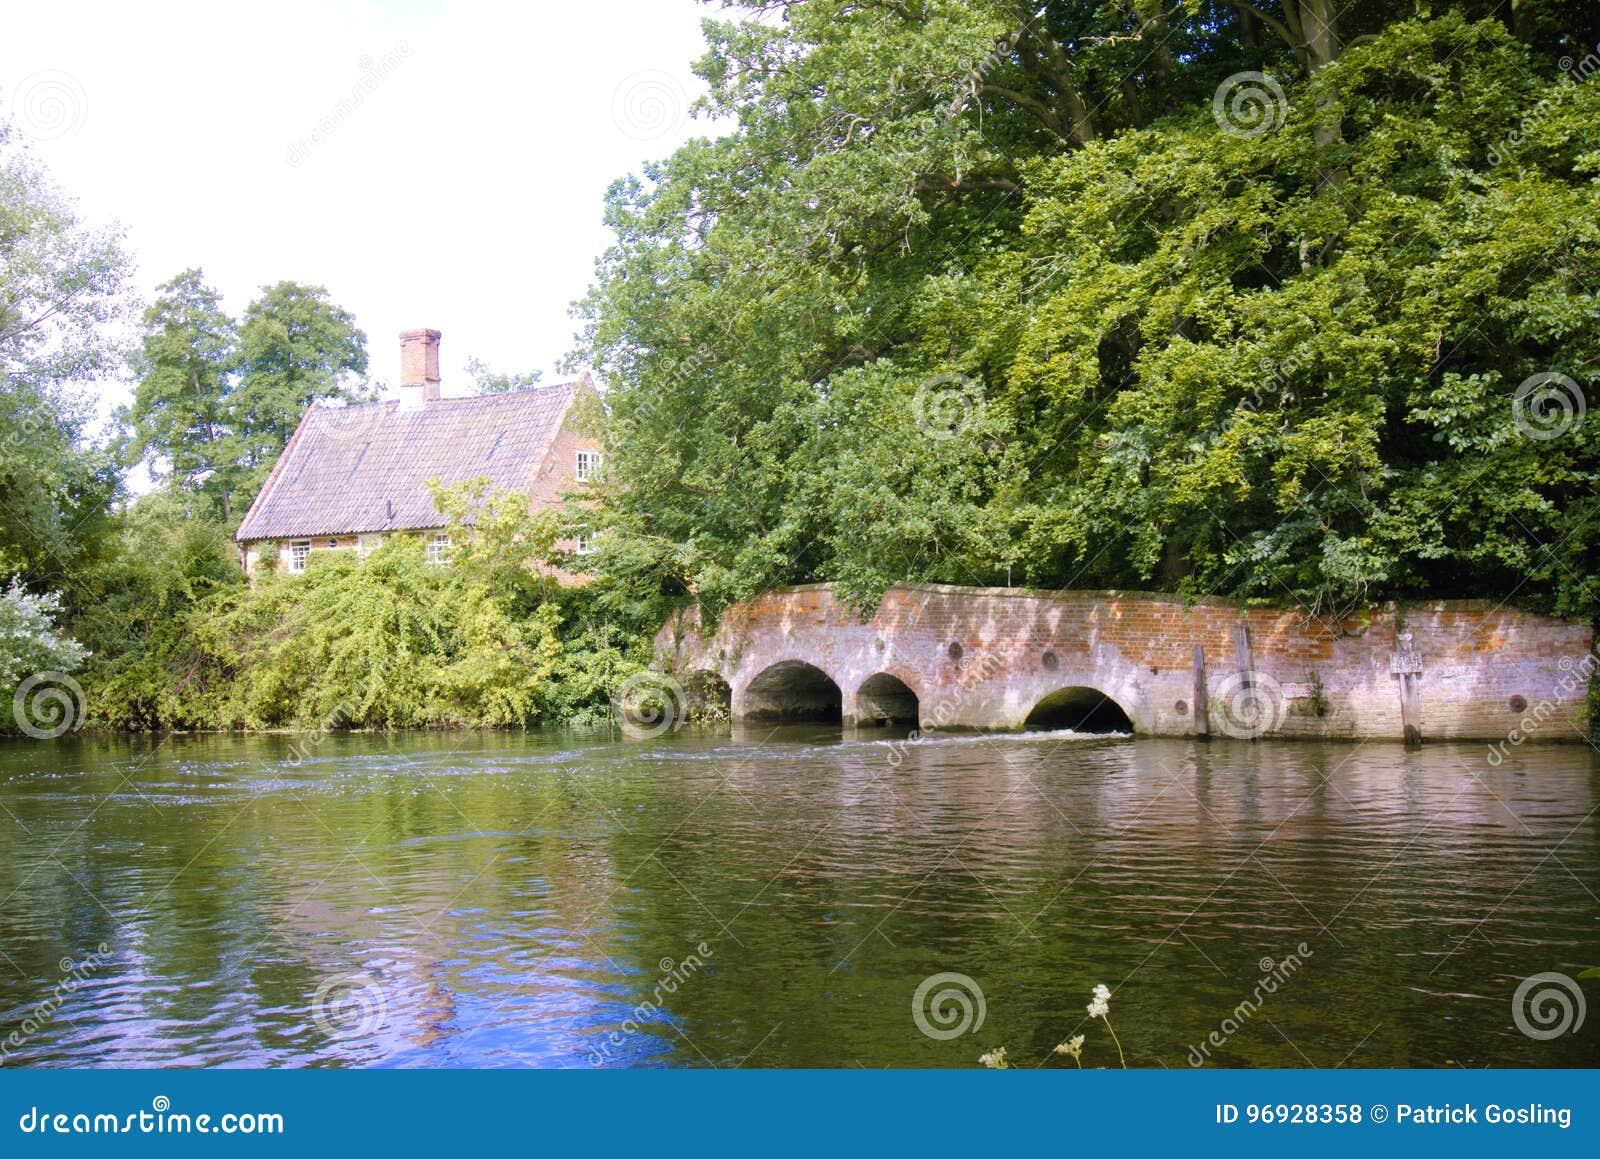 Puente viejo del molino